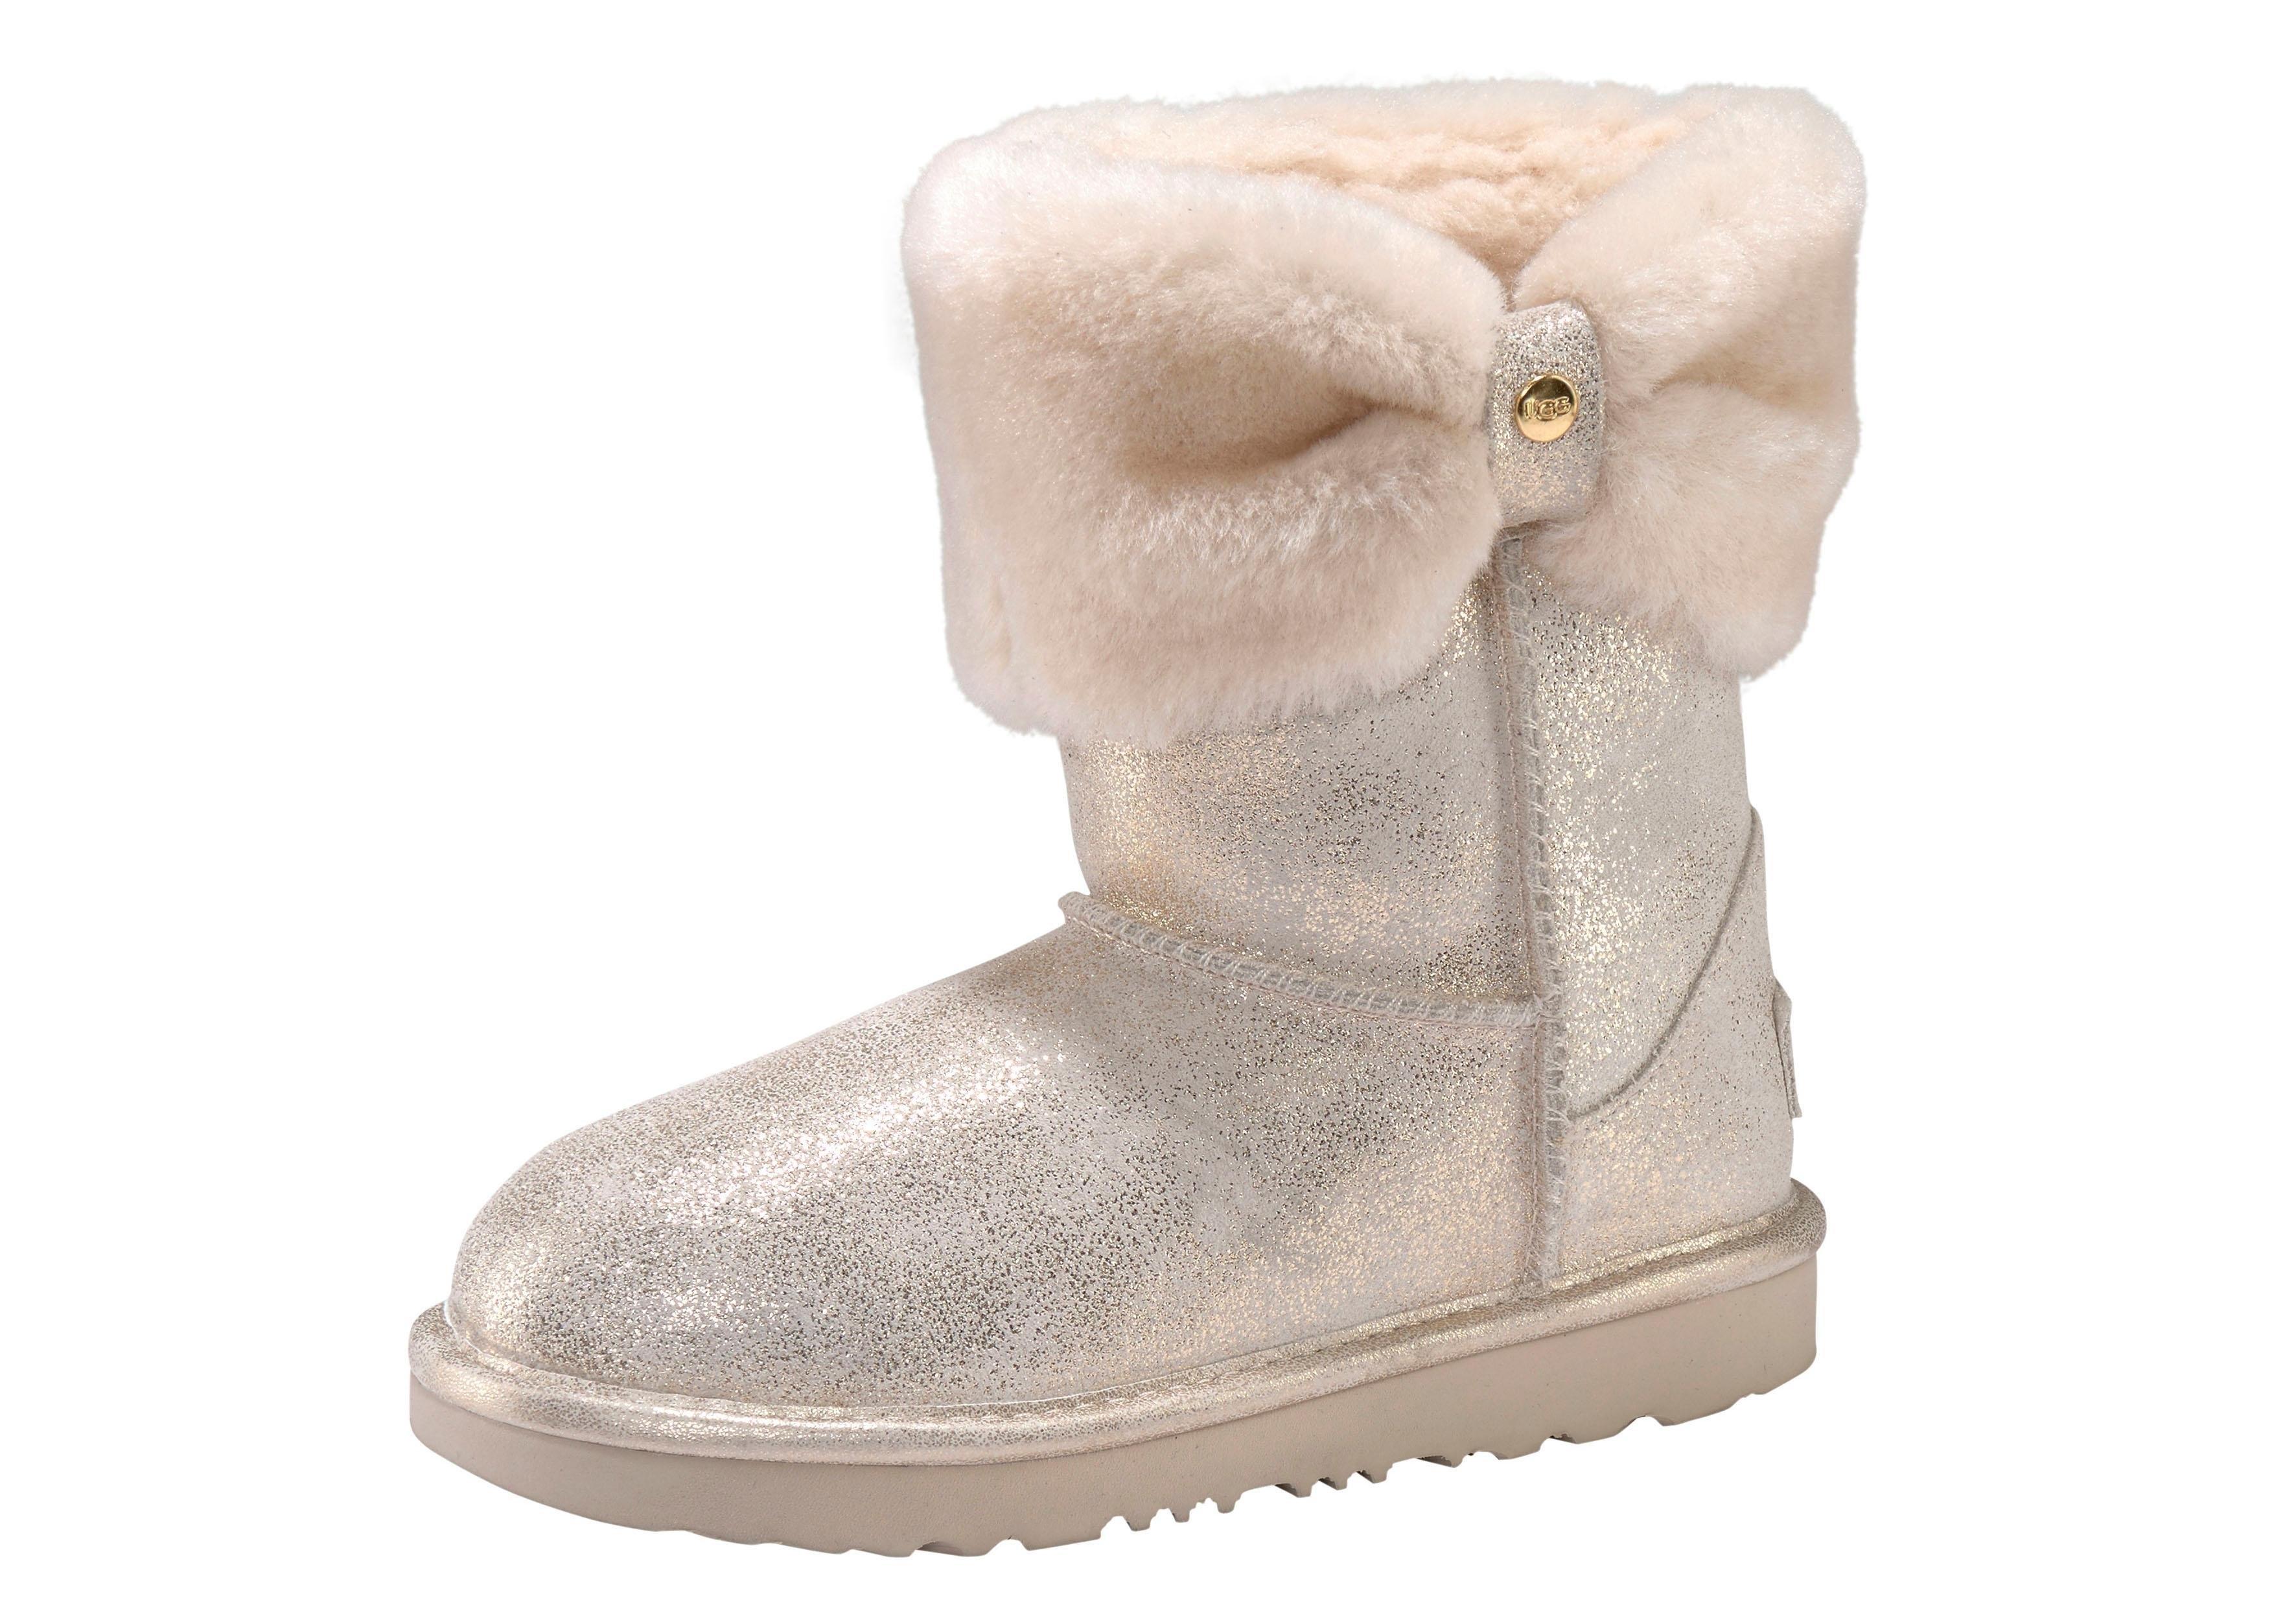 Ugg boots zonder sluiting »Ramona« veilig op otto.nl kopen